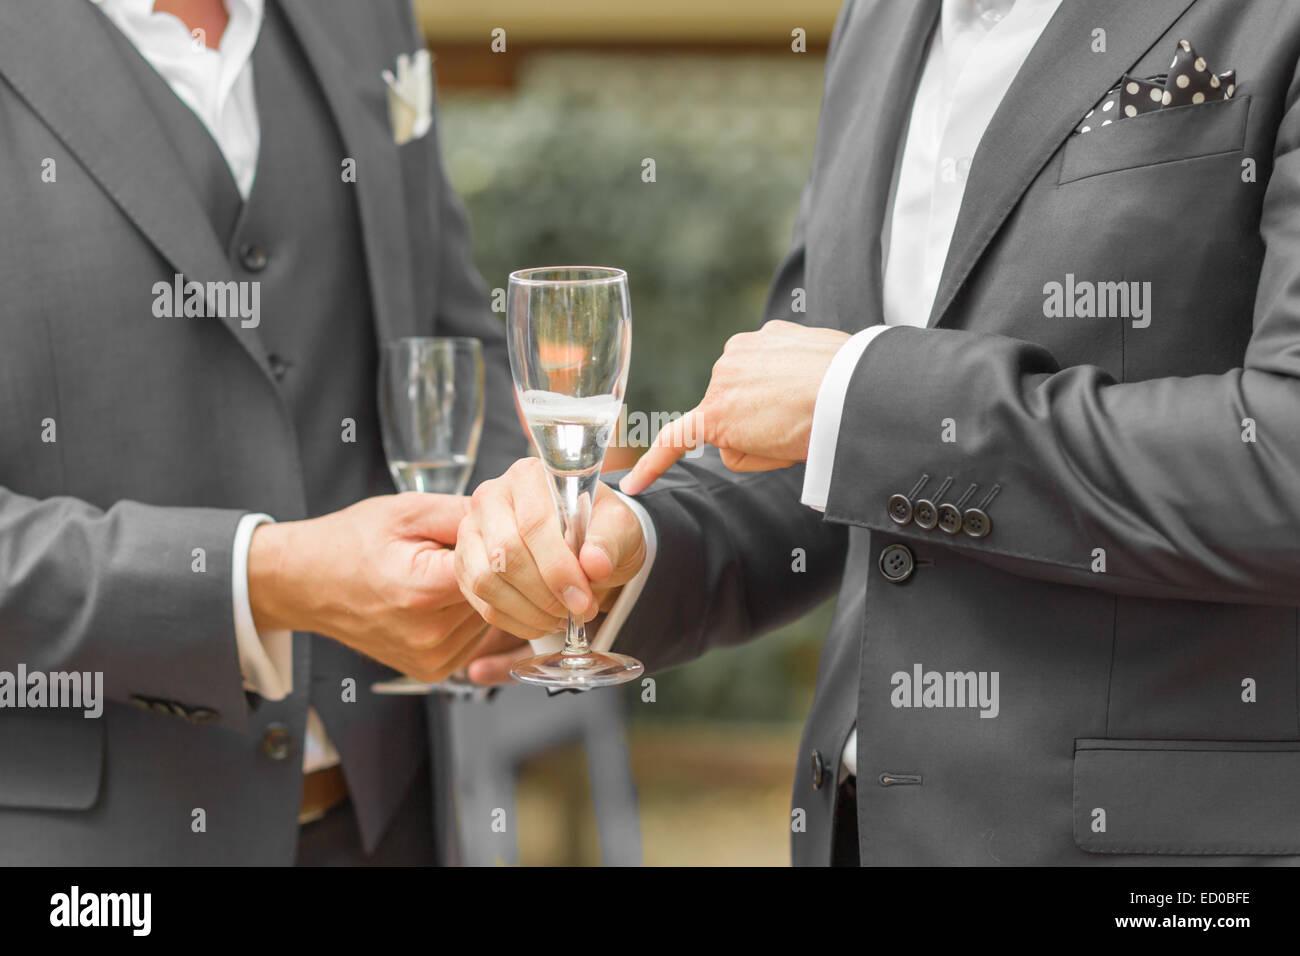 Sección intermedia de traje completo hombres sosteniendo los vasos de vino Imagen De Stock